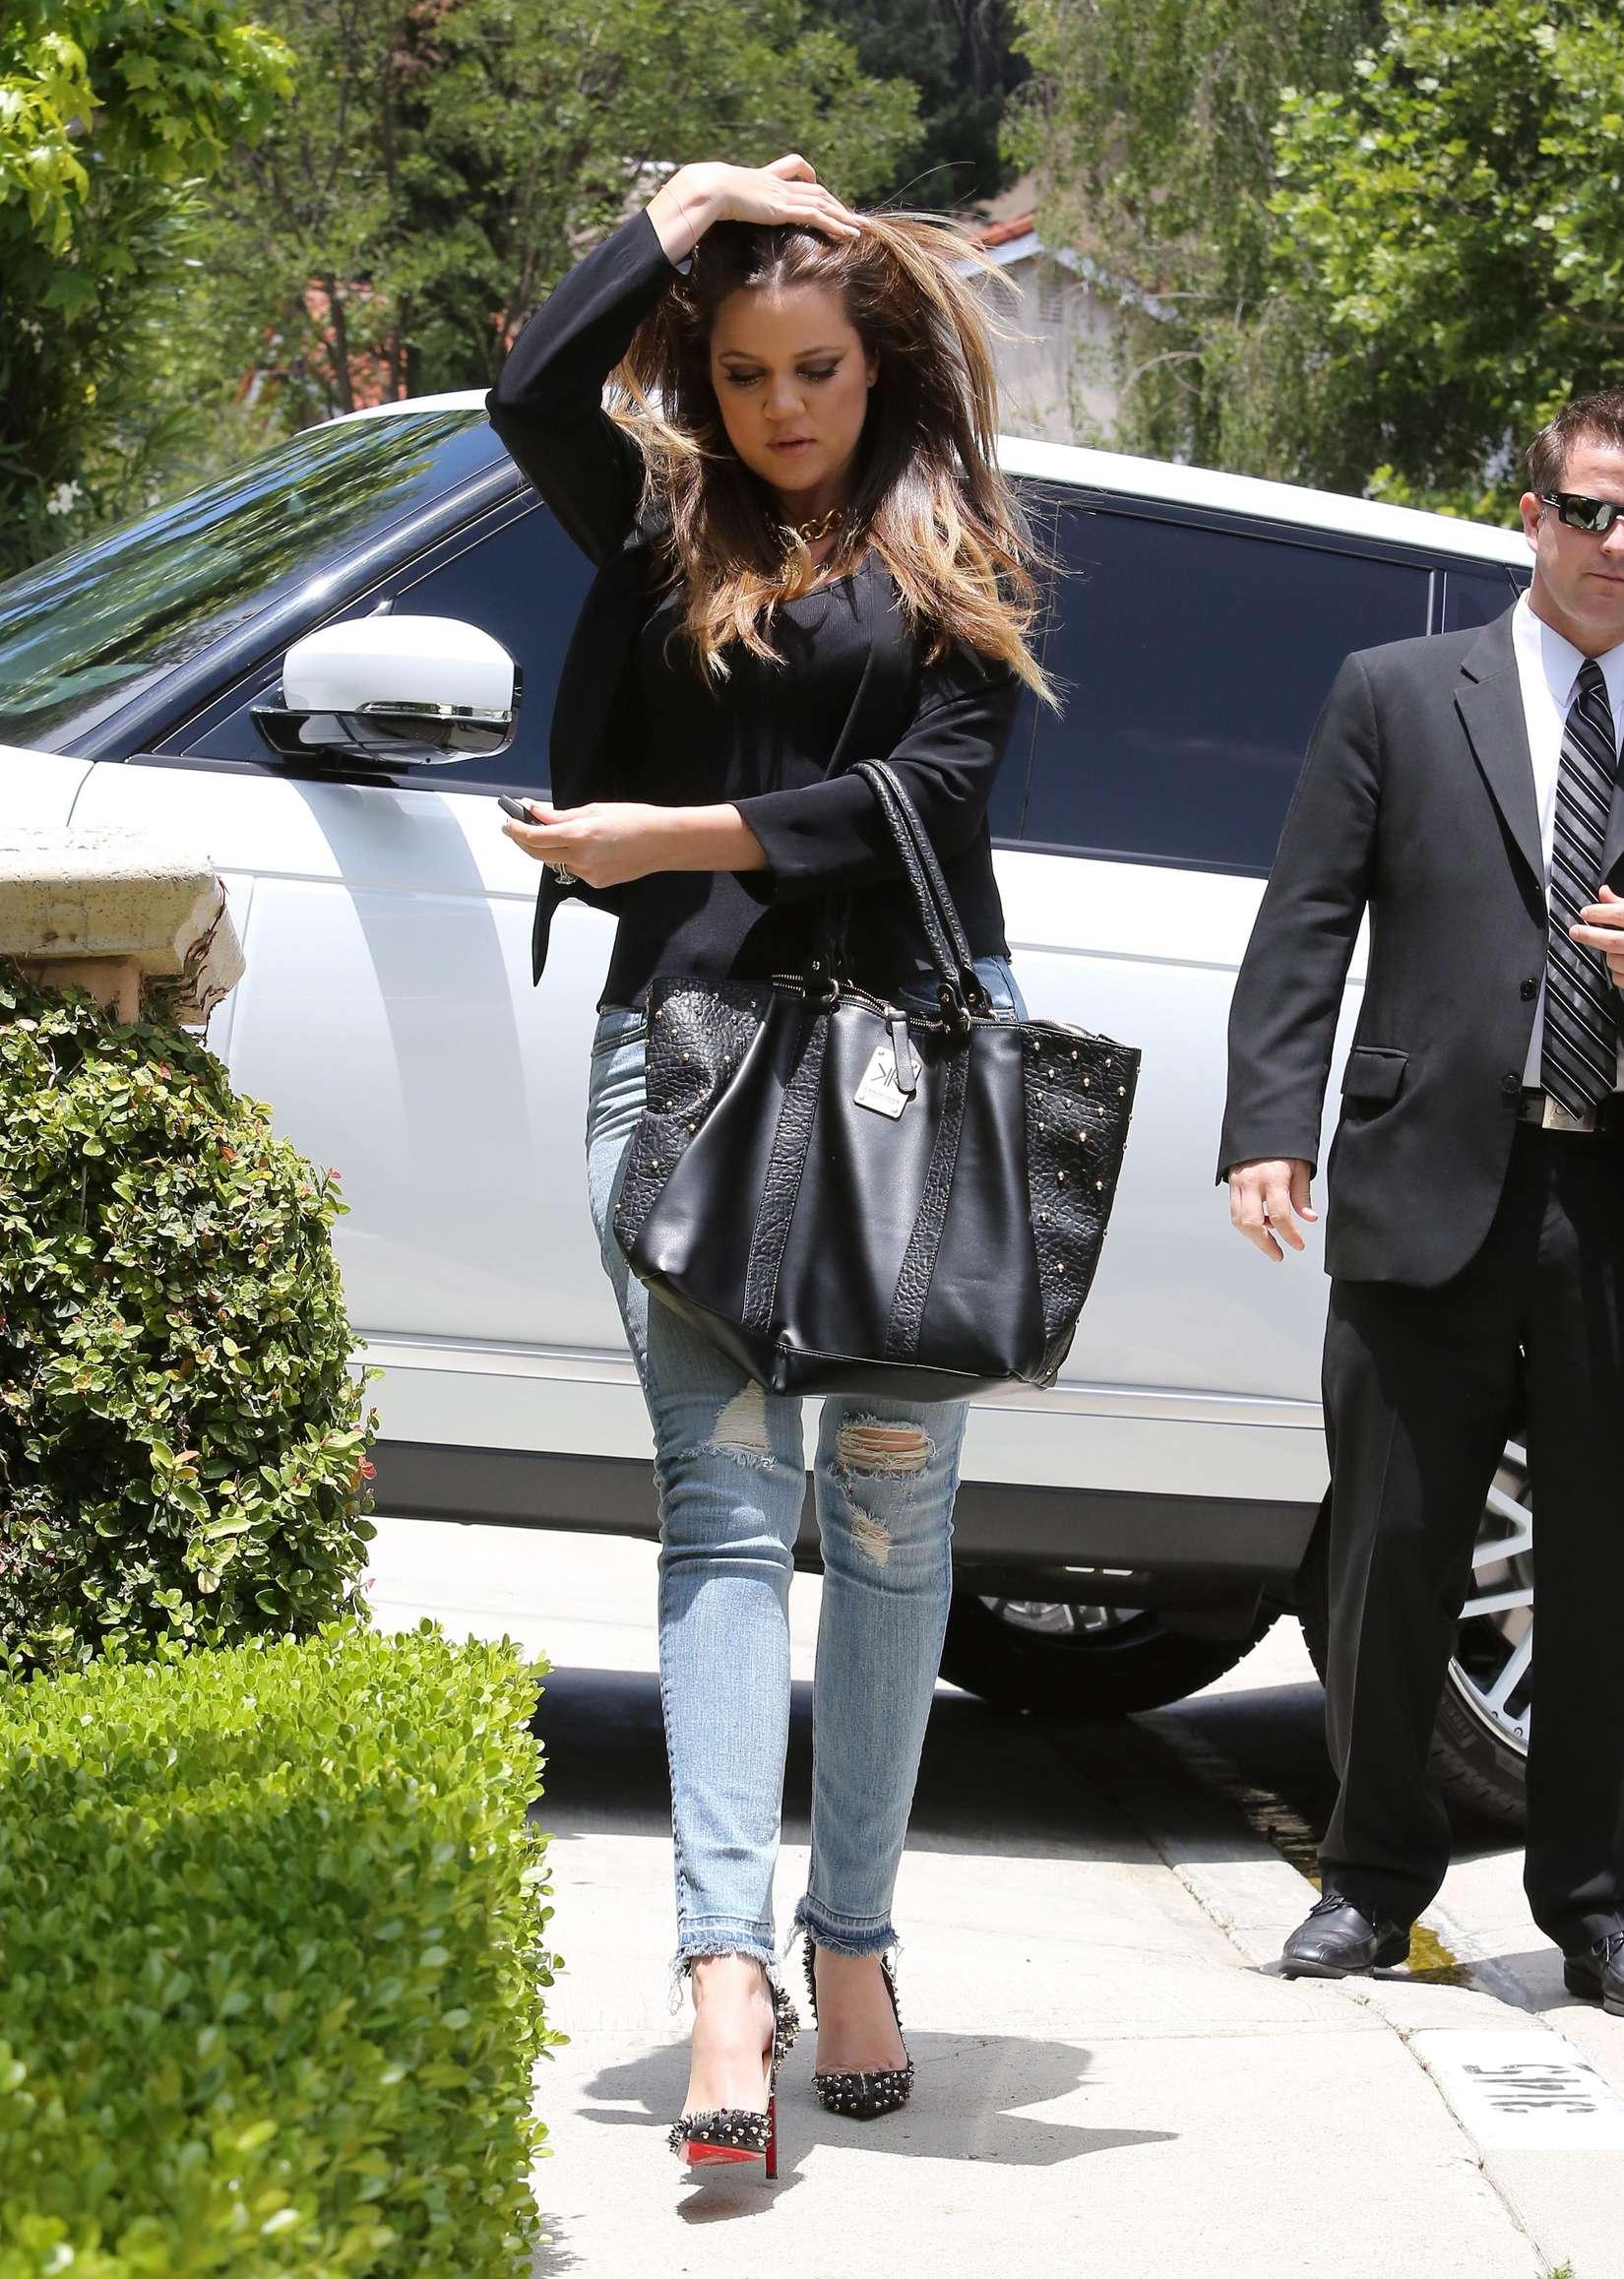 Khloe Kardashian 2013 : Khloe Kardashian at Kims house -03